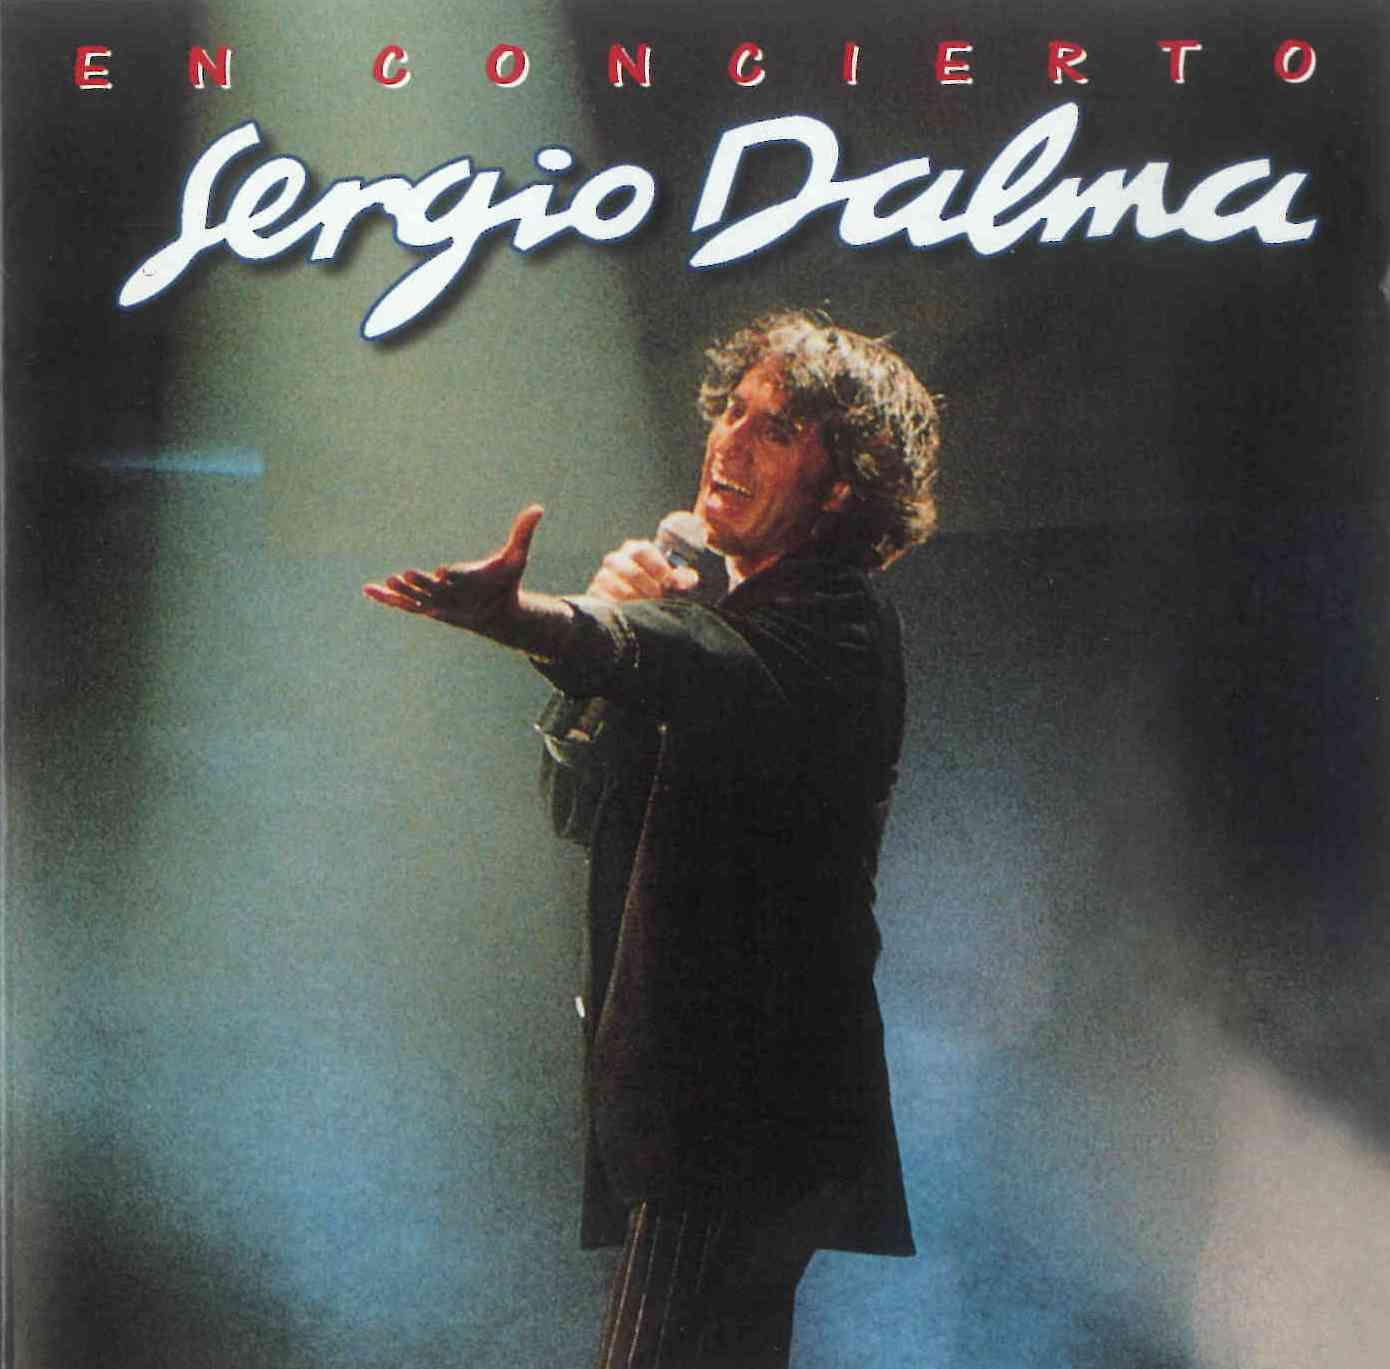 Sergio Dalma en concierto